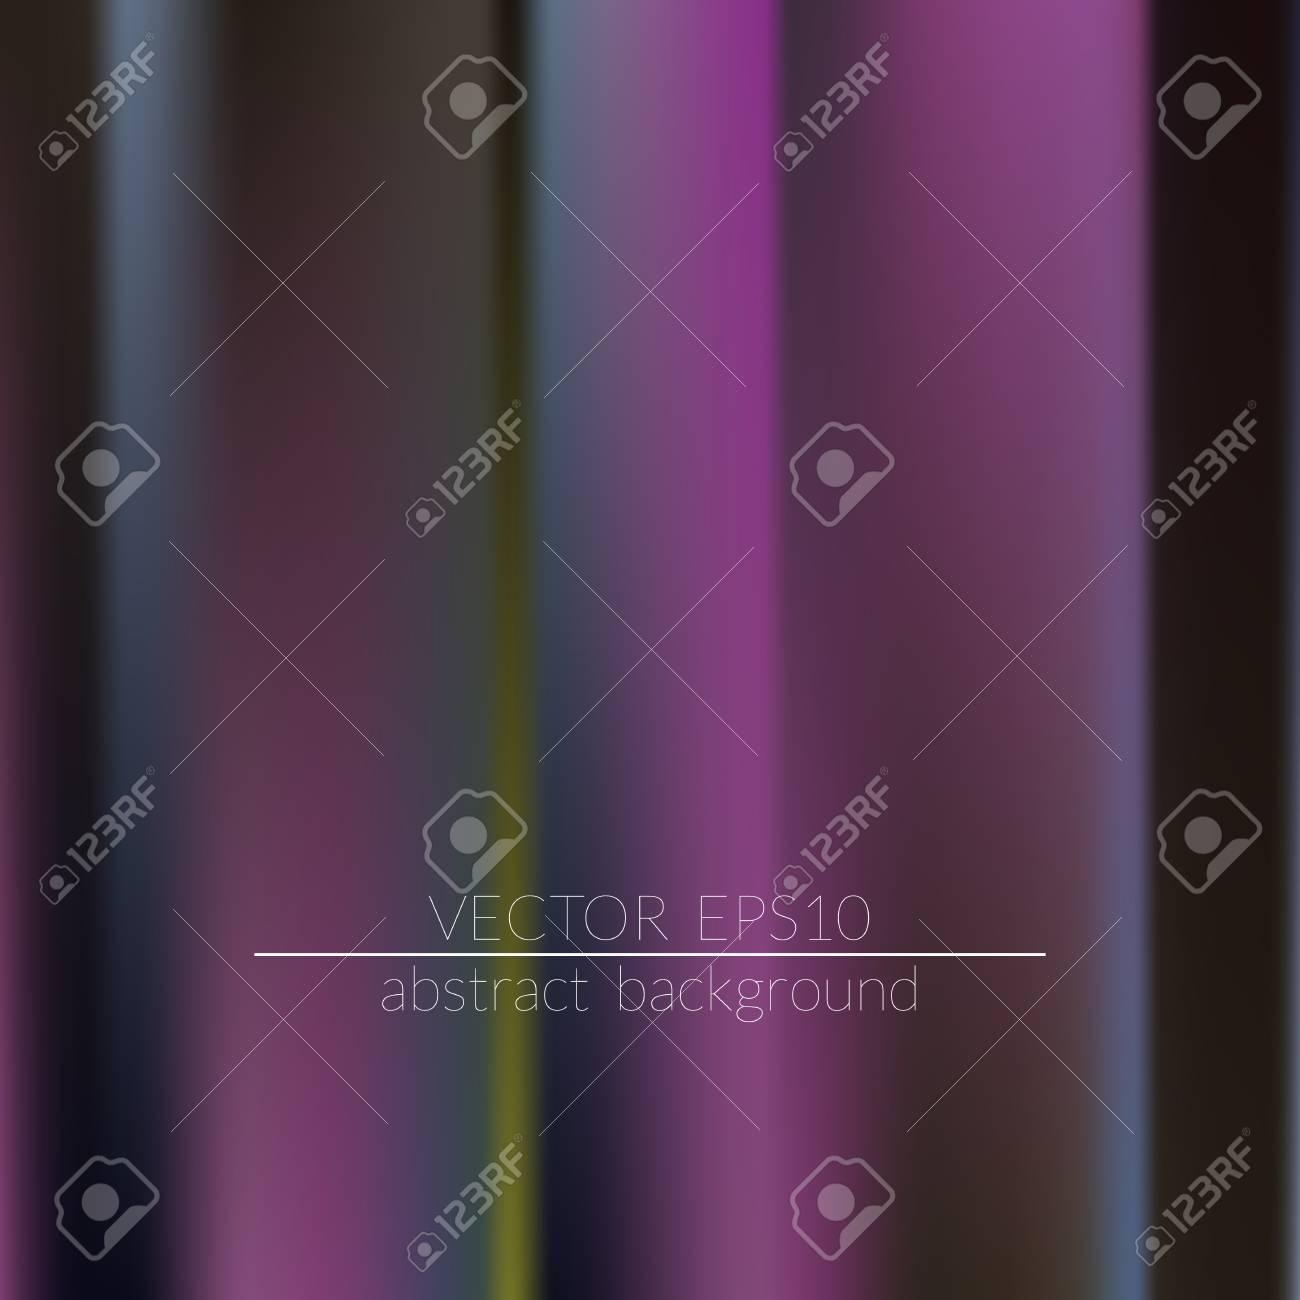 Hologram Template | Foil Hologram Modern Deep Background Vivid Smooth Mesh Blurred